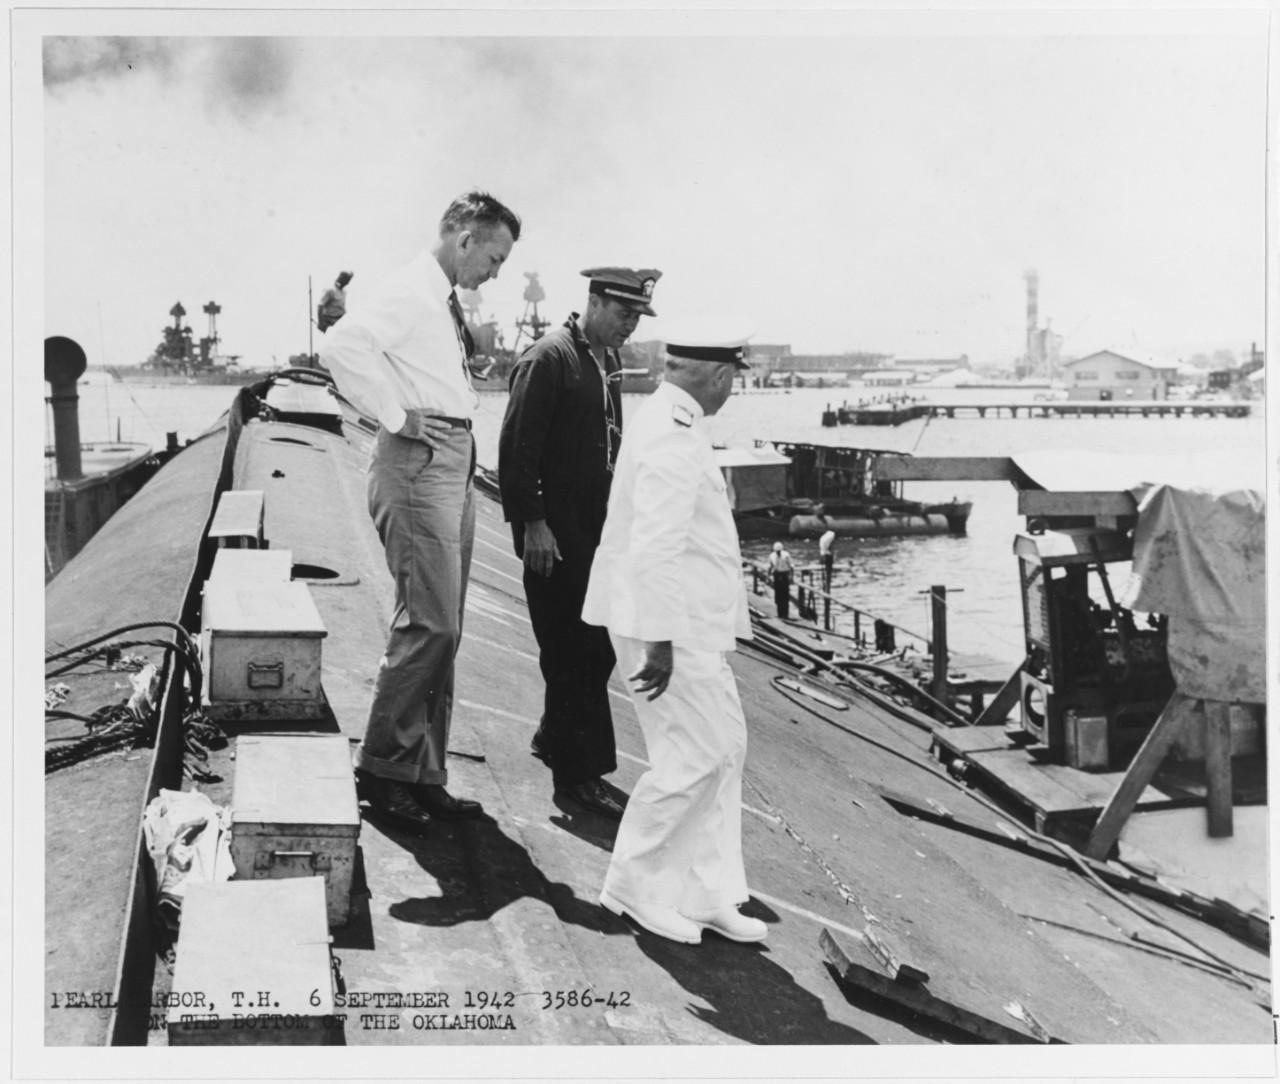 SECNAV INSTRUCTION 1850 - United States Navy